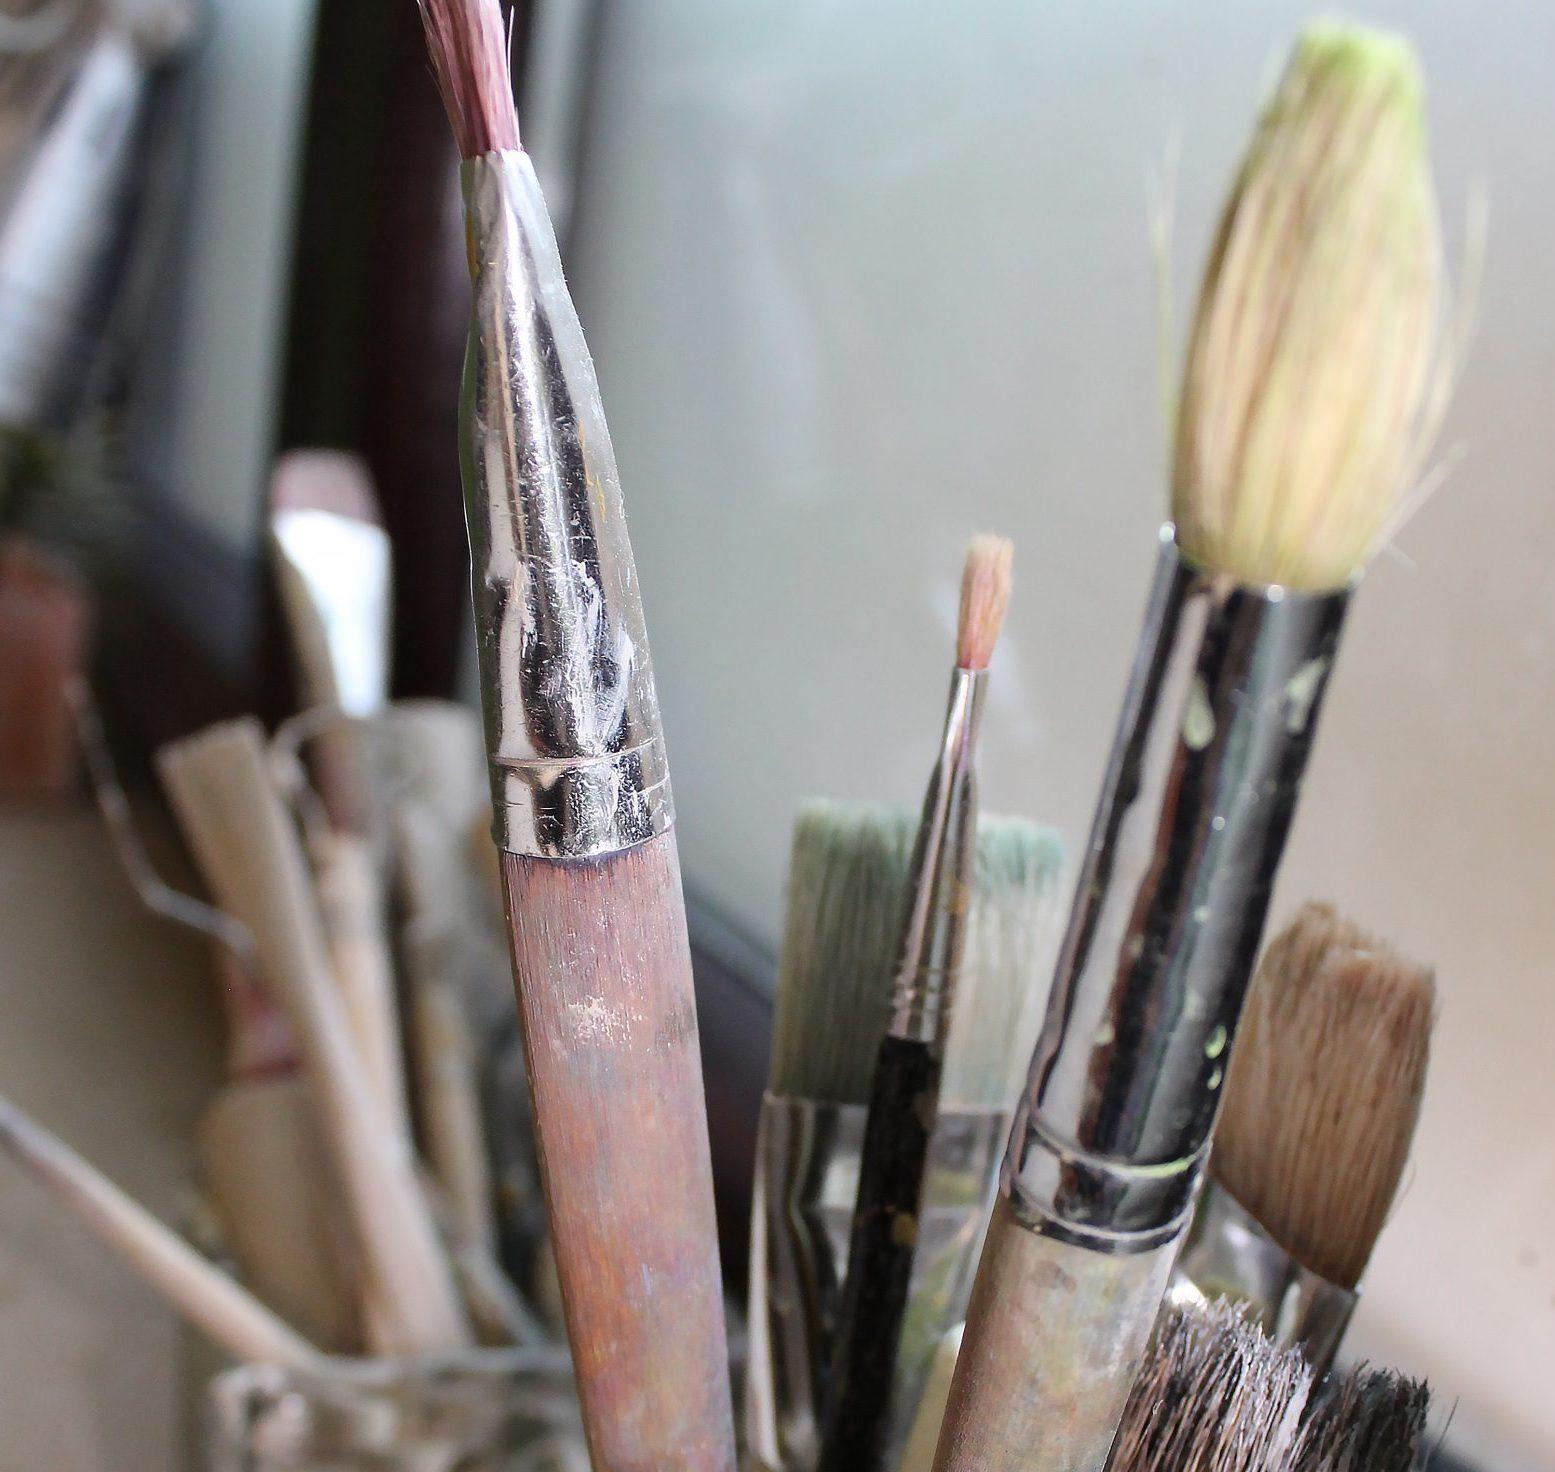 Nahaufnahme von Pinseln mit Holzgriffen, die in einem Becher aufrecht stehen